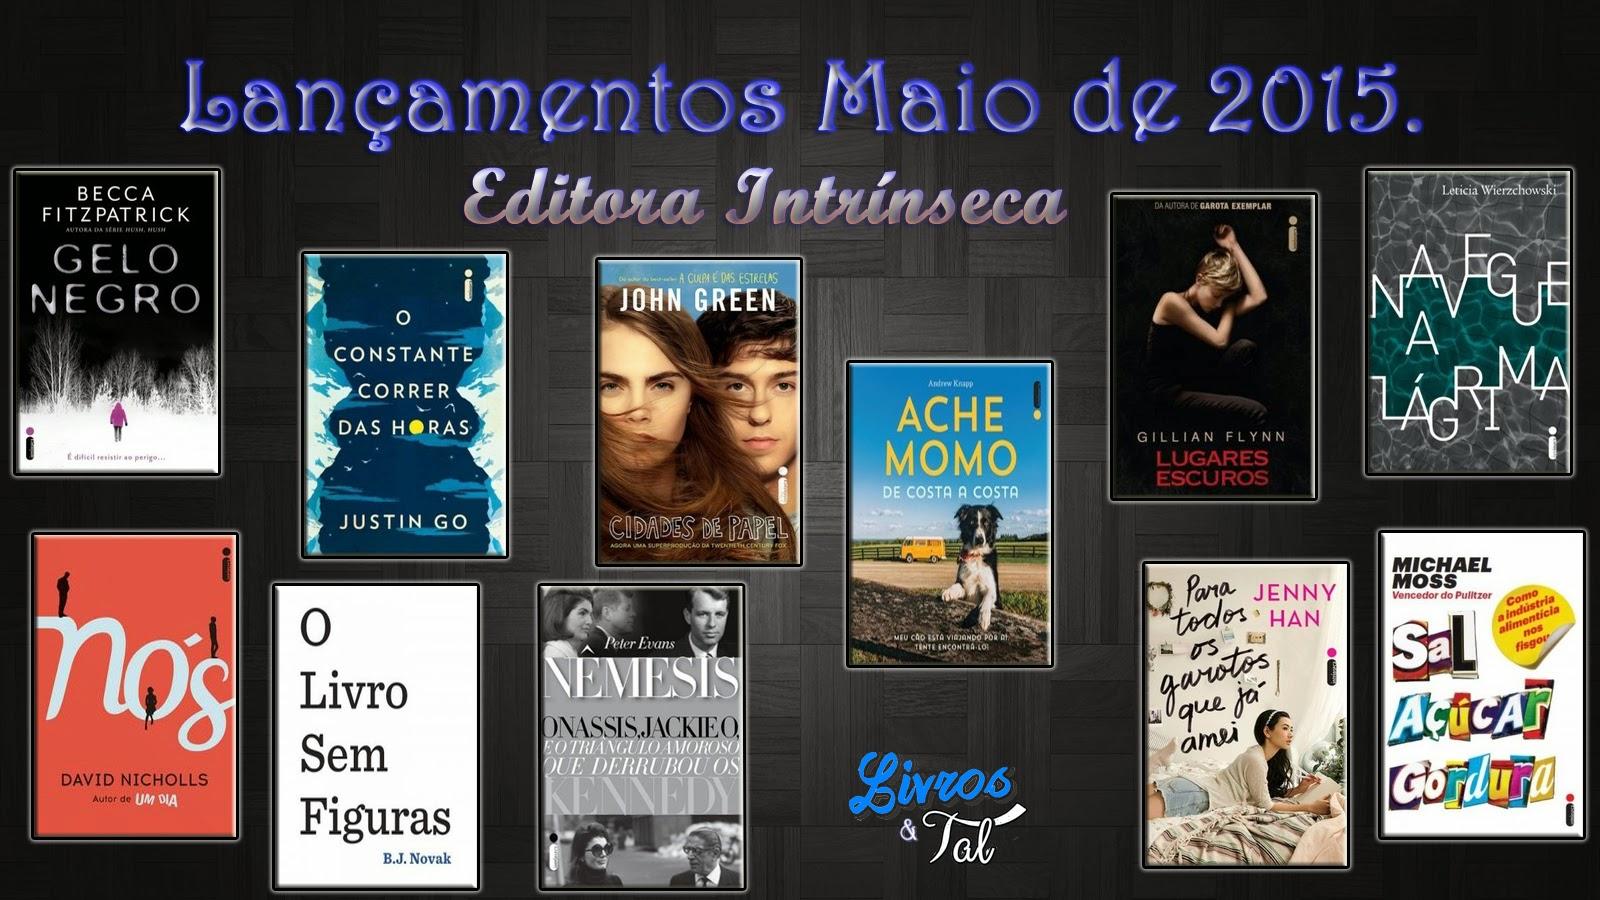 http://livrosetalgroup.blogspot.com.br/p/lancamentos-maio-de-2015-editora_1.html